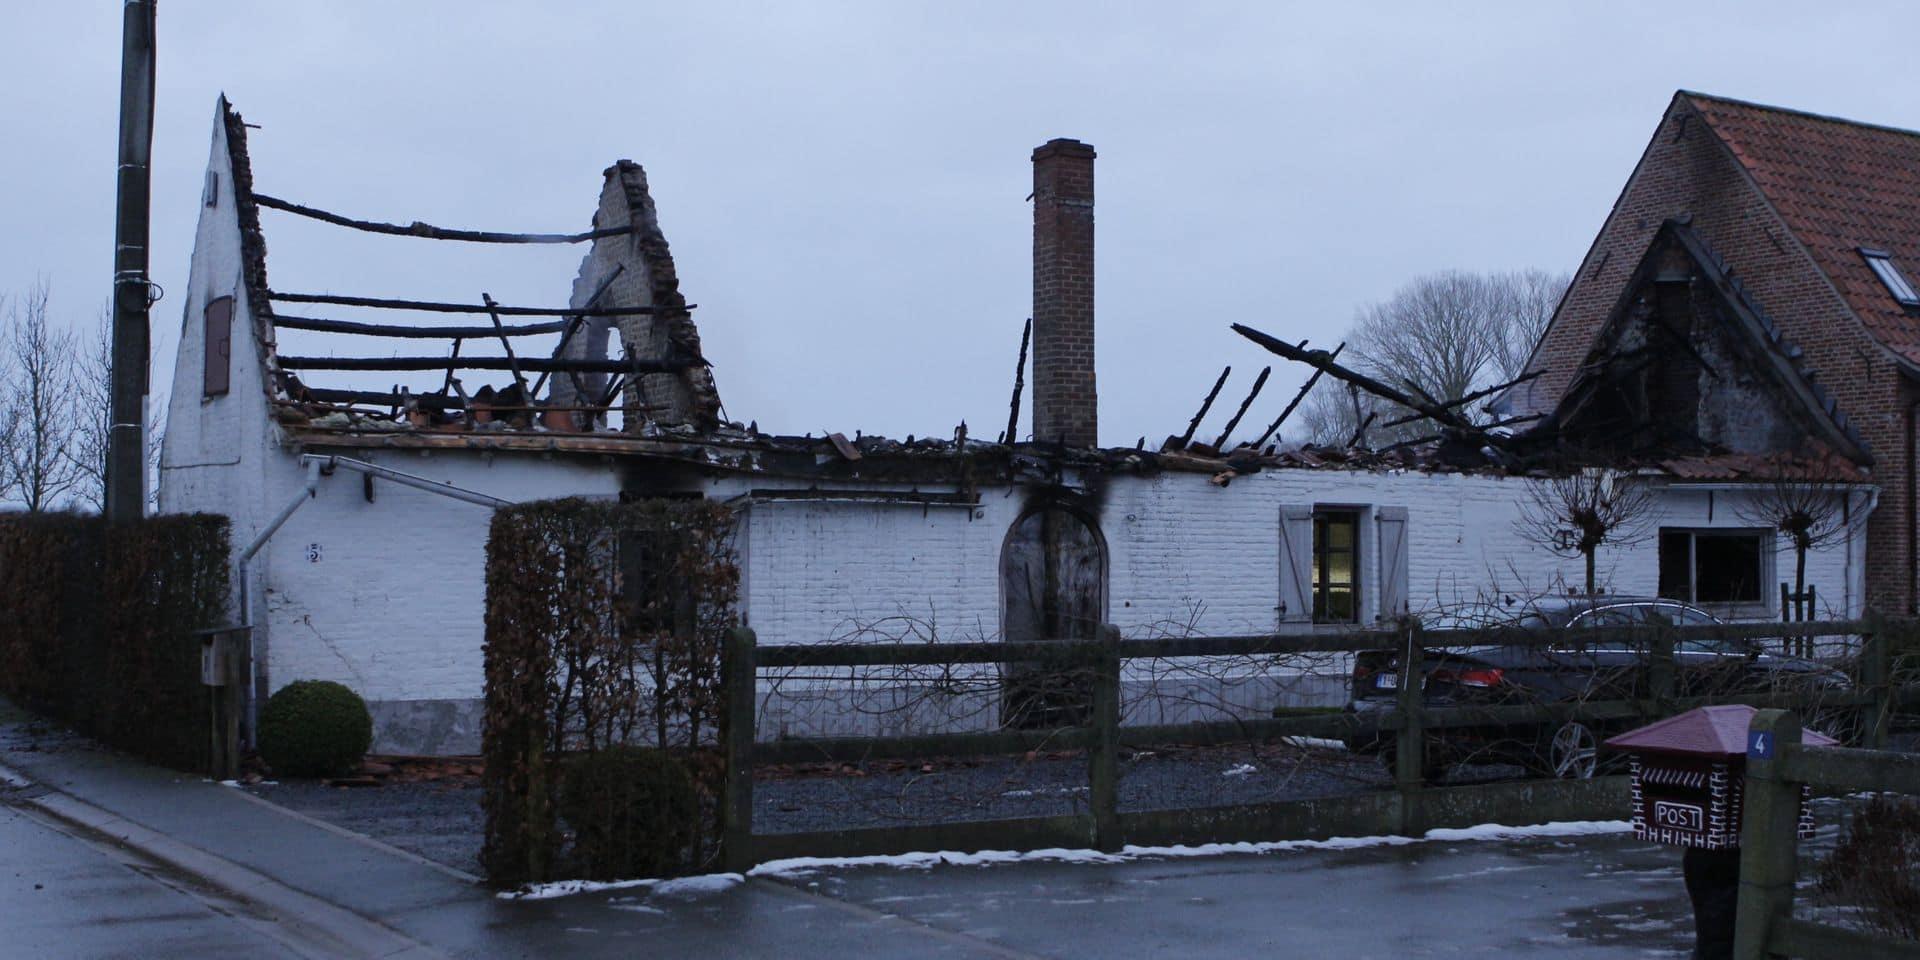 Une maison détruite par un incendie cette nuit à Escanaffles